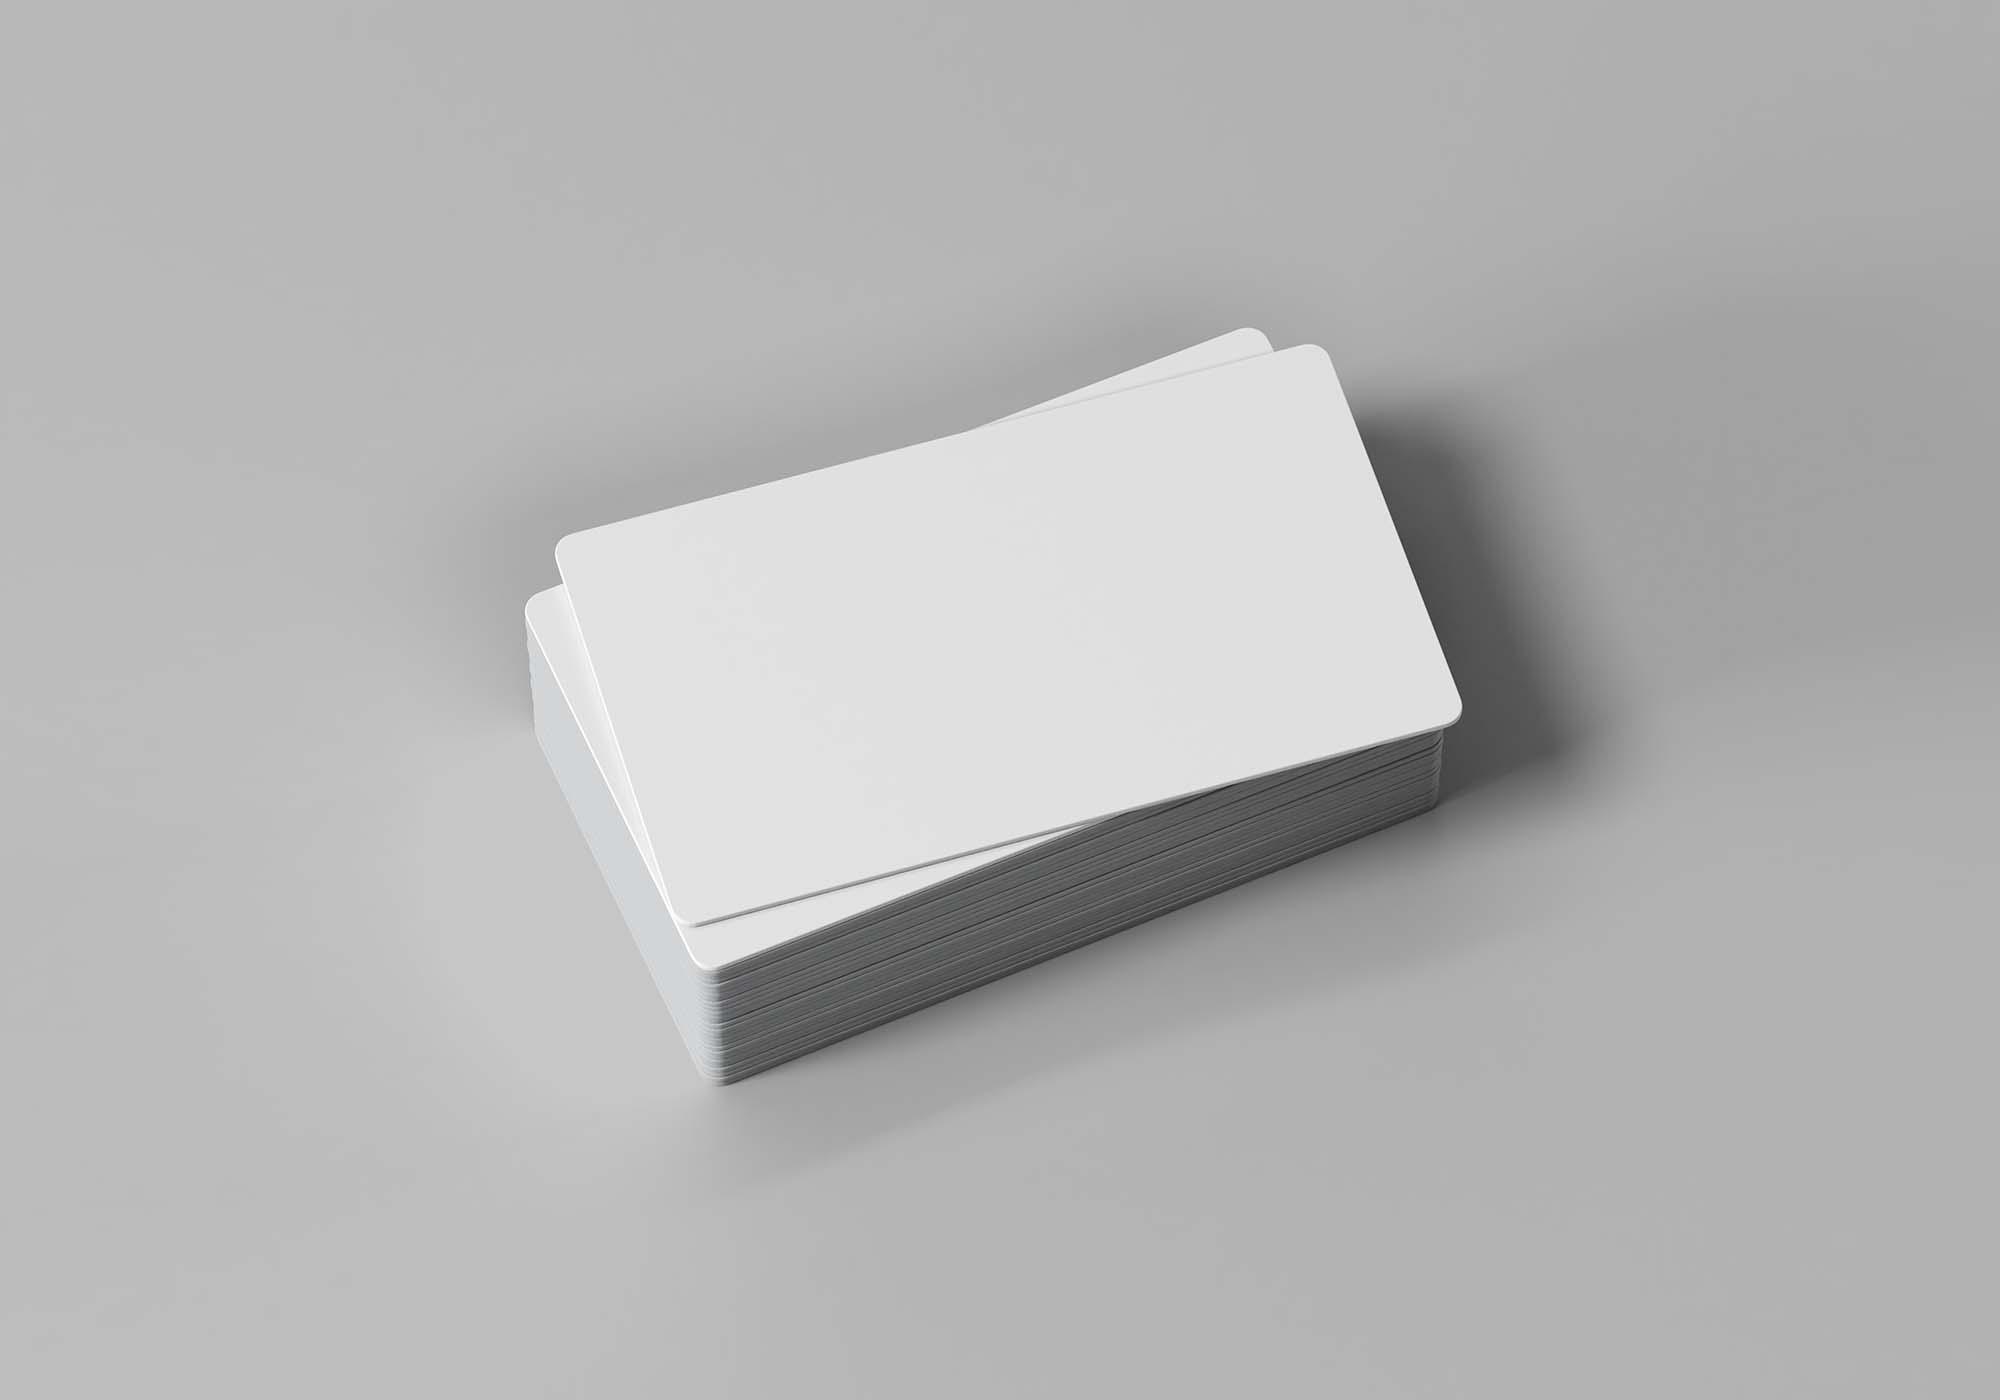 Membership Card Mockup 2